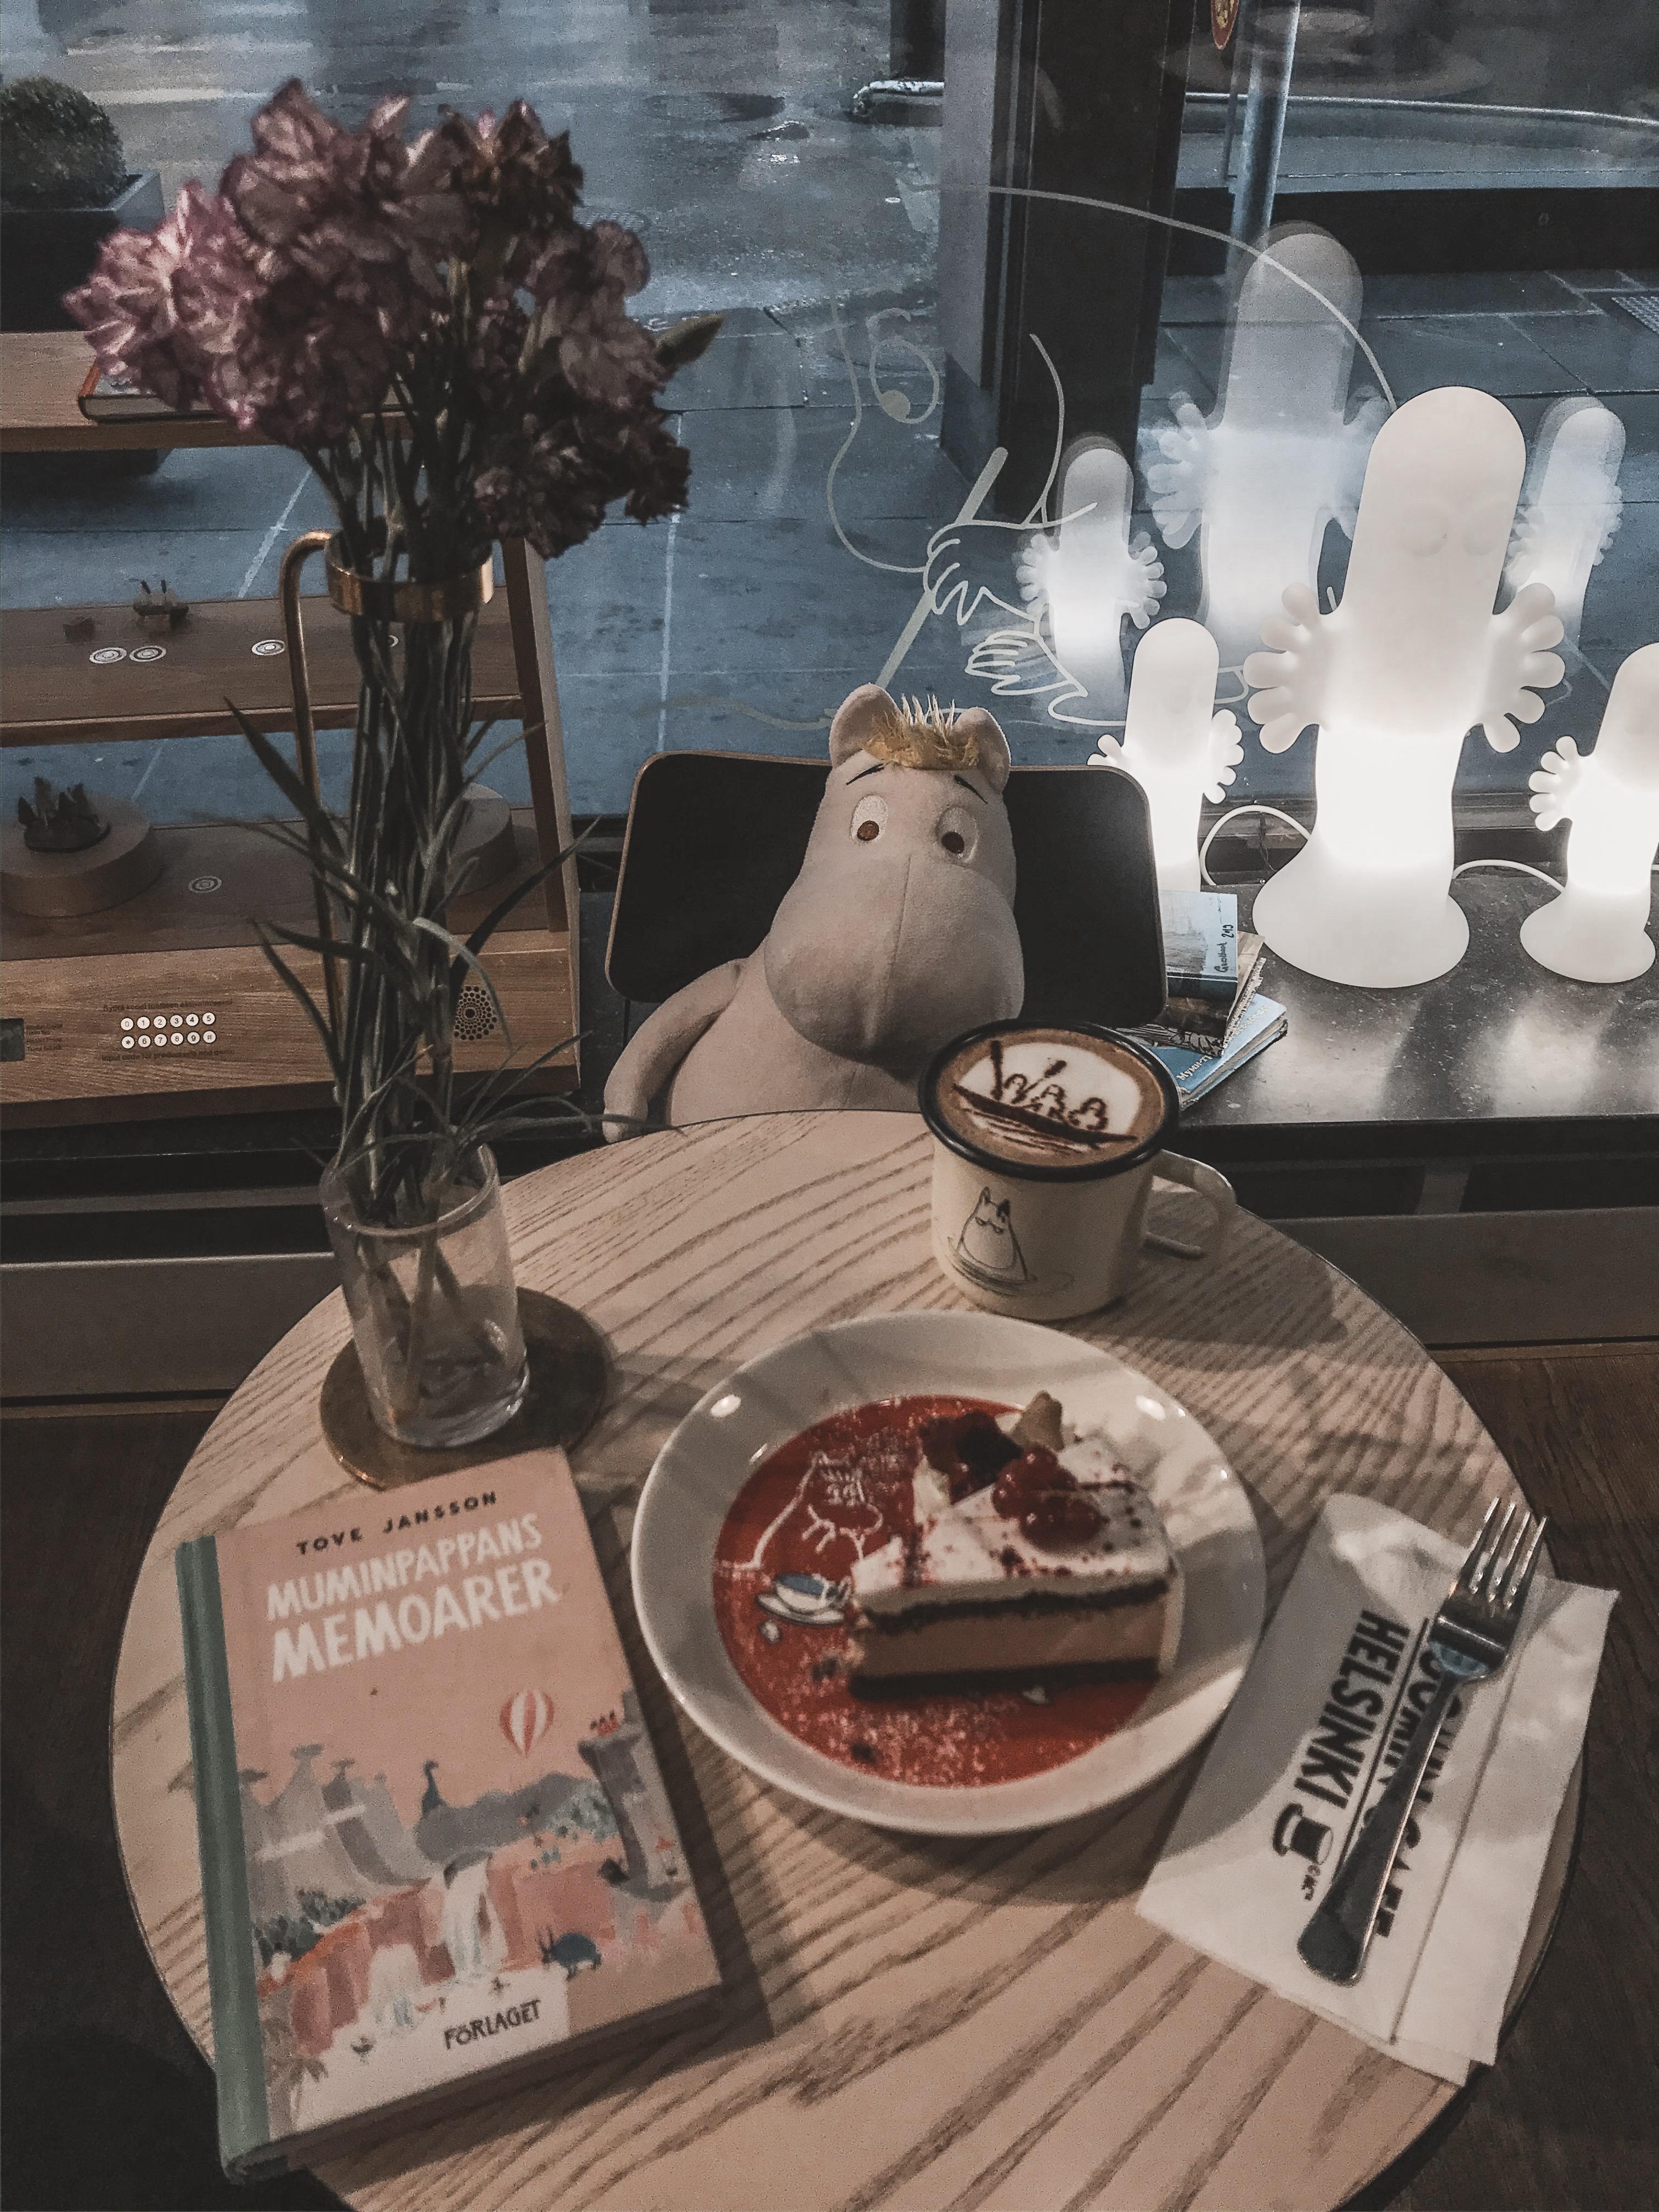 Moomin Café in Helsinki, Finland